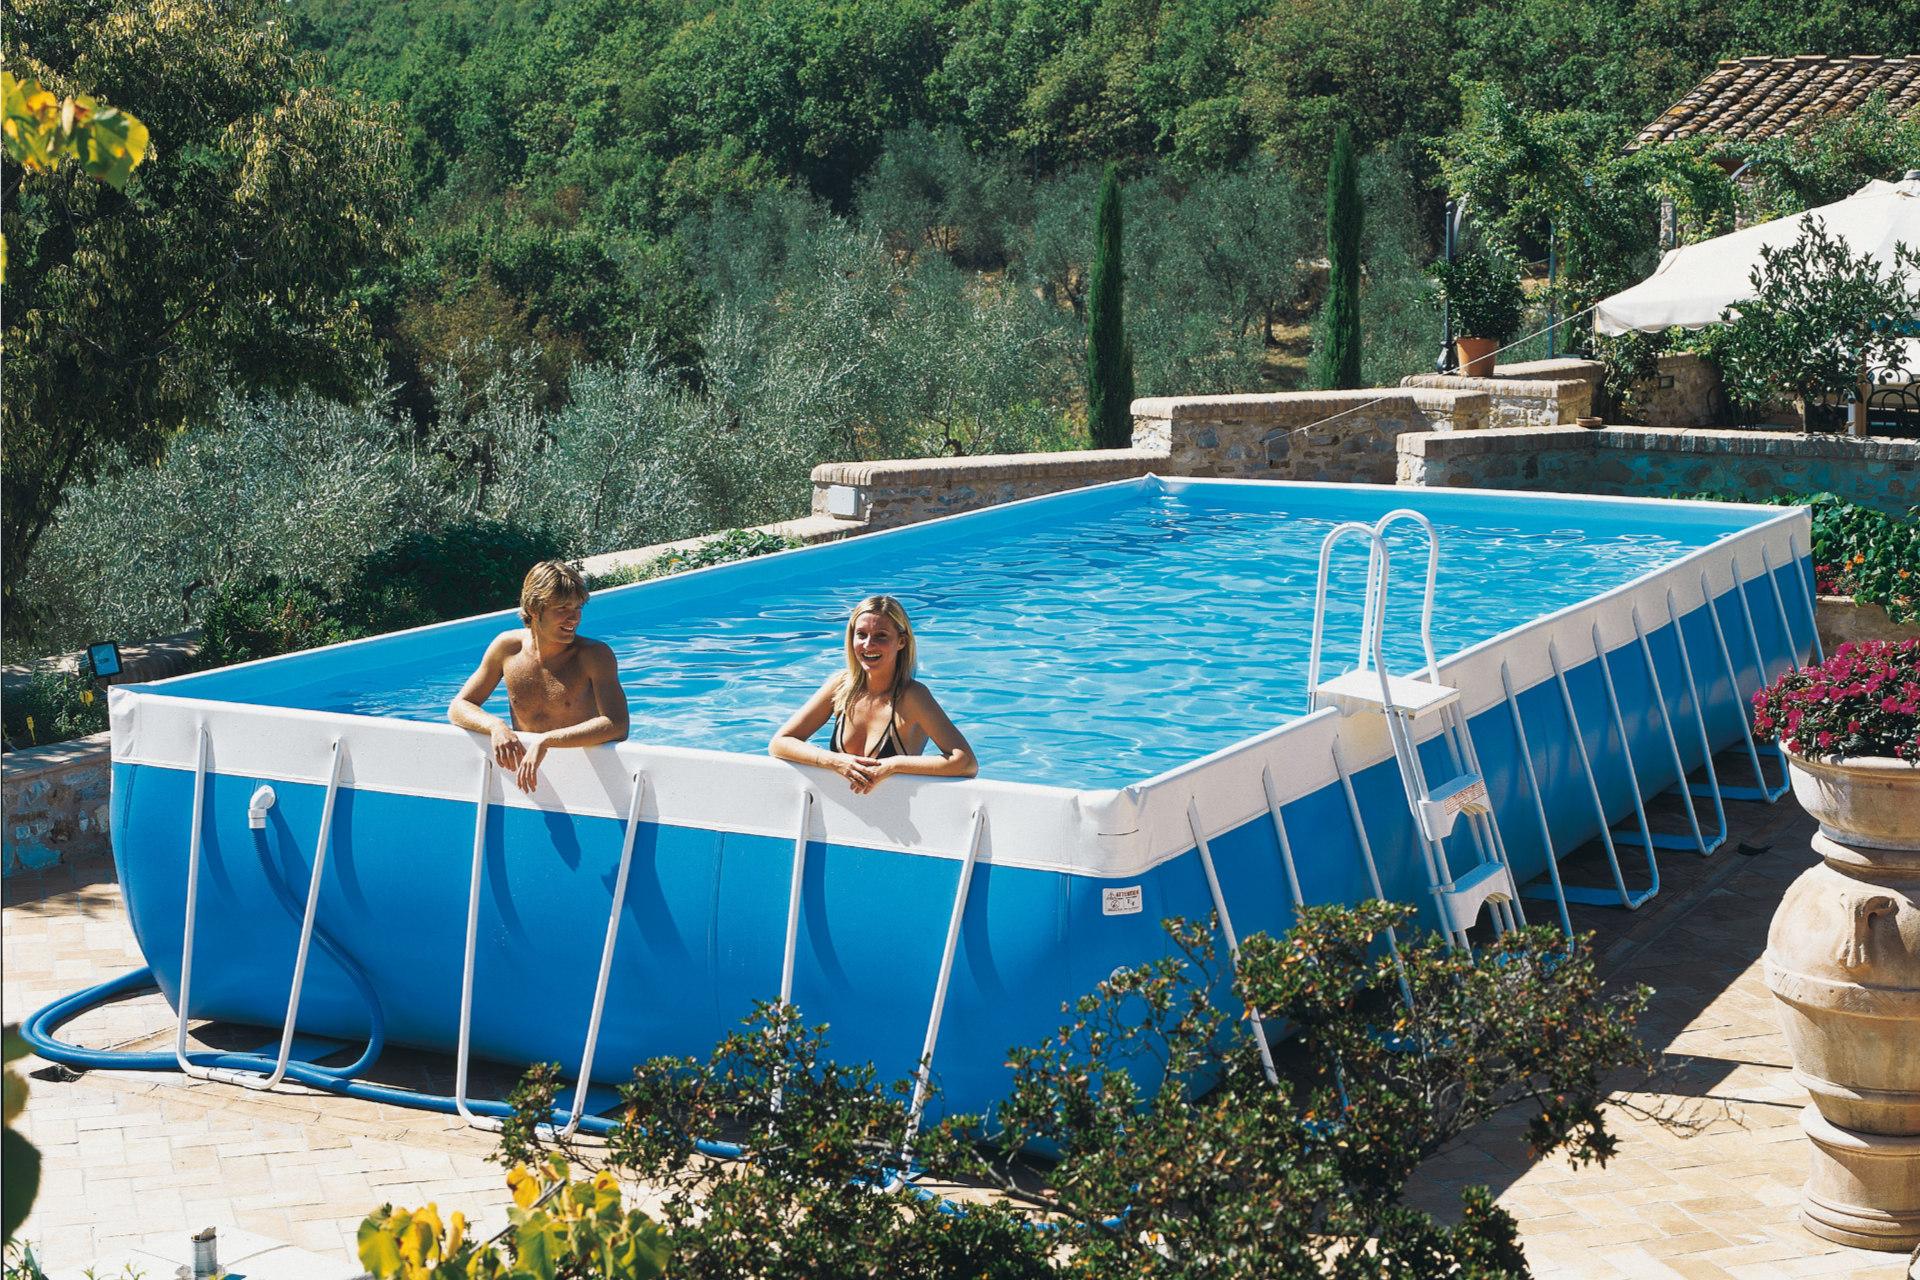 Comment Monter Une Piscine Hors Sol le guide complet des piscines hors-sol - aquapolis